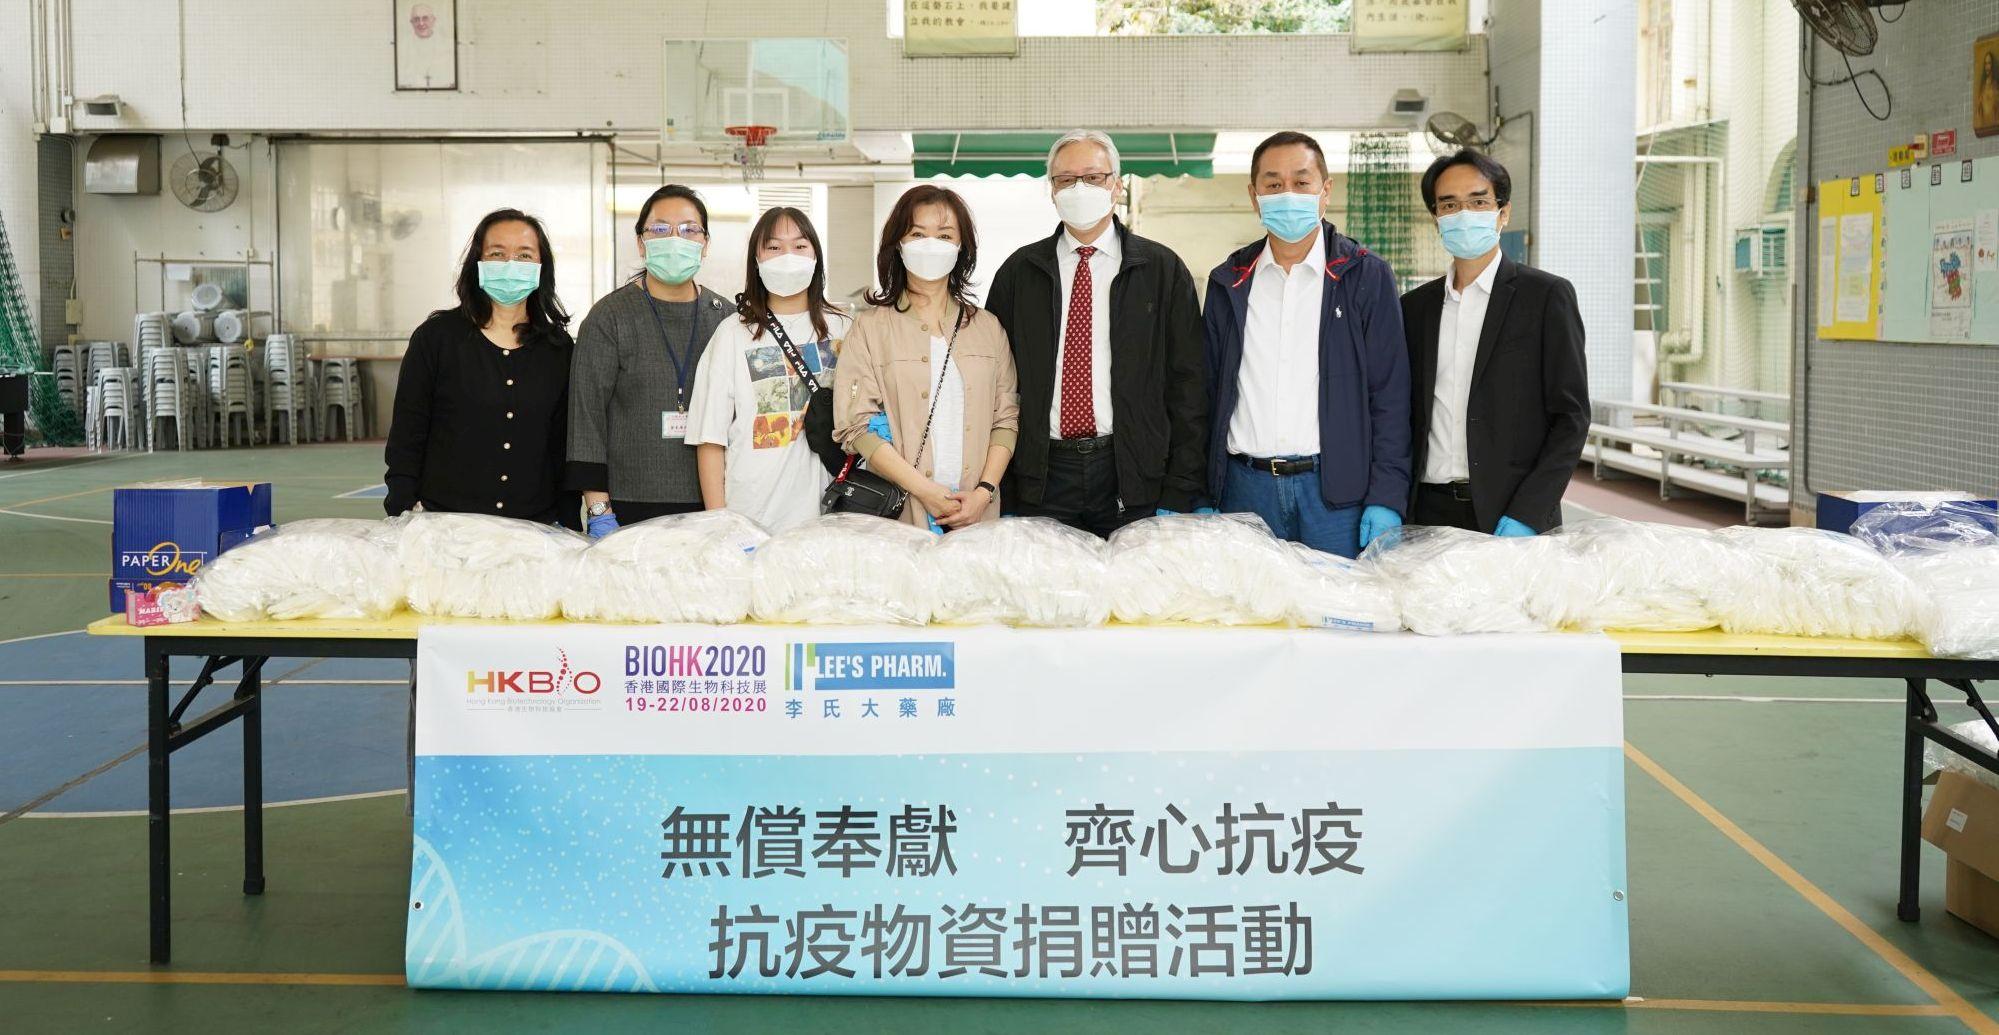 香港生物科技協會聯同李氏大藥廠控股有限公司派發口罩予「屯元天」學校及區內有需要者